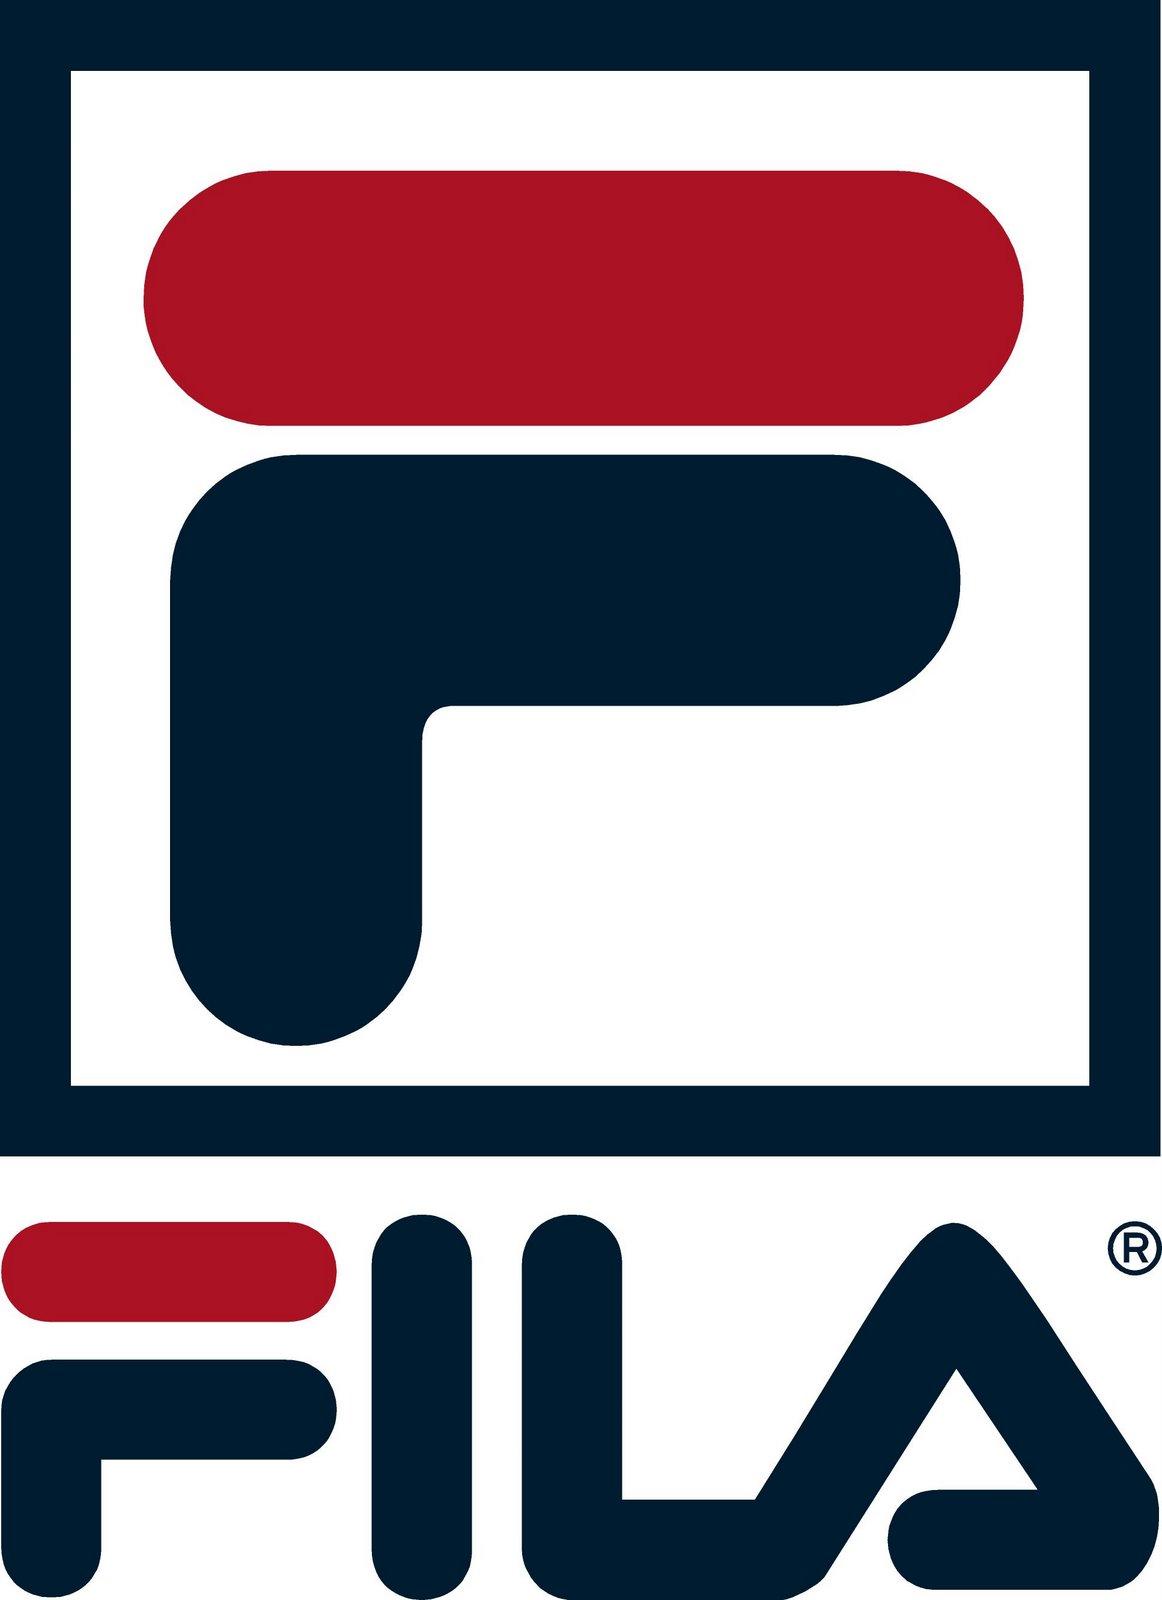 Fila Fila – производитель одежды e1d59d63eba32